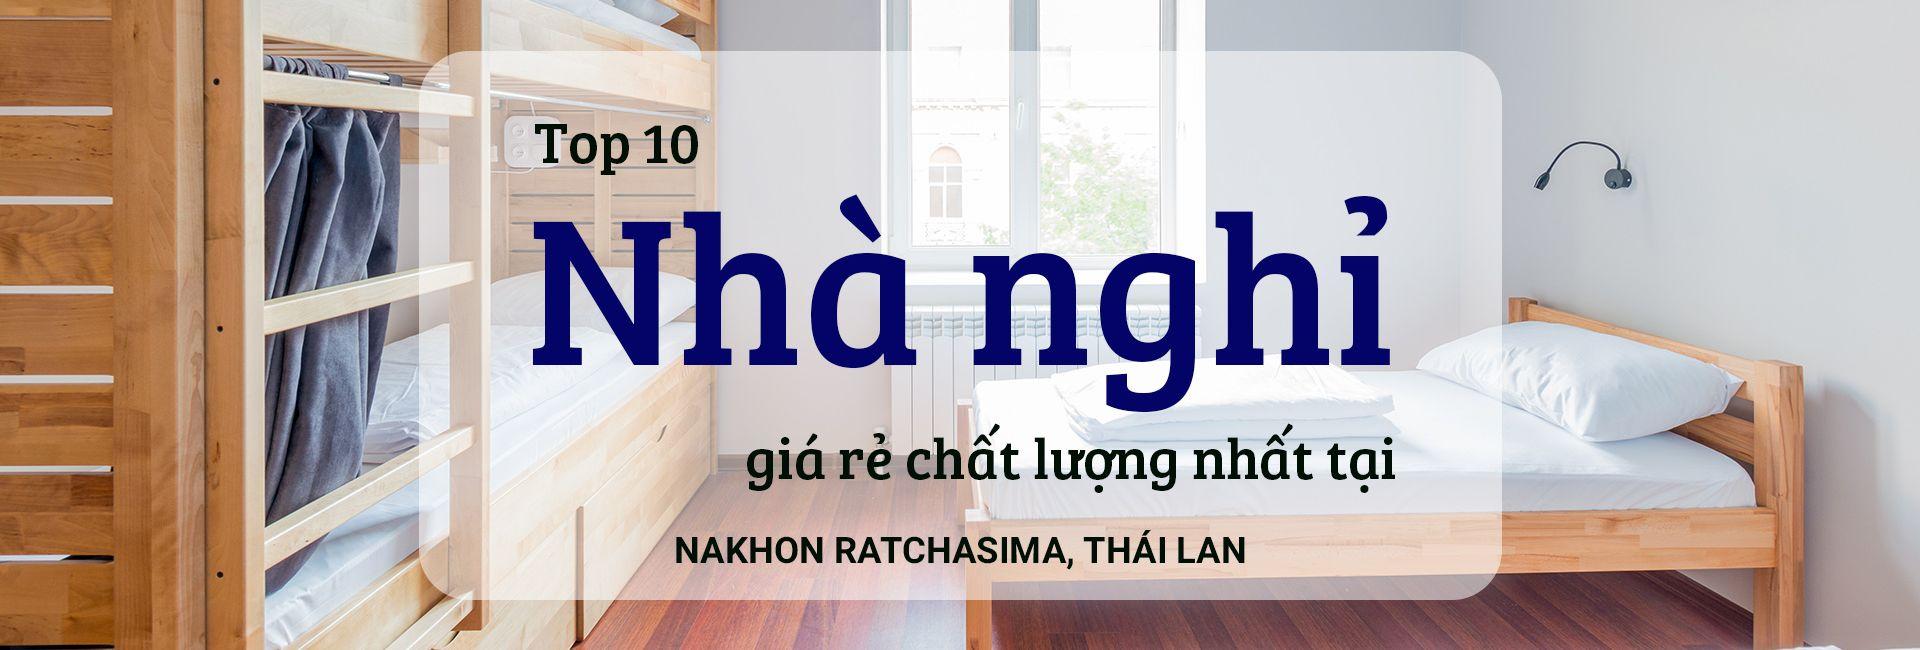 Top 10 nhà nghỉ giá rẻ, chất lượng tại Nakhon Ratchasima